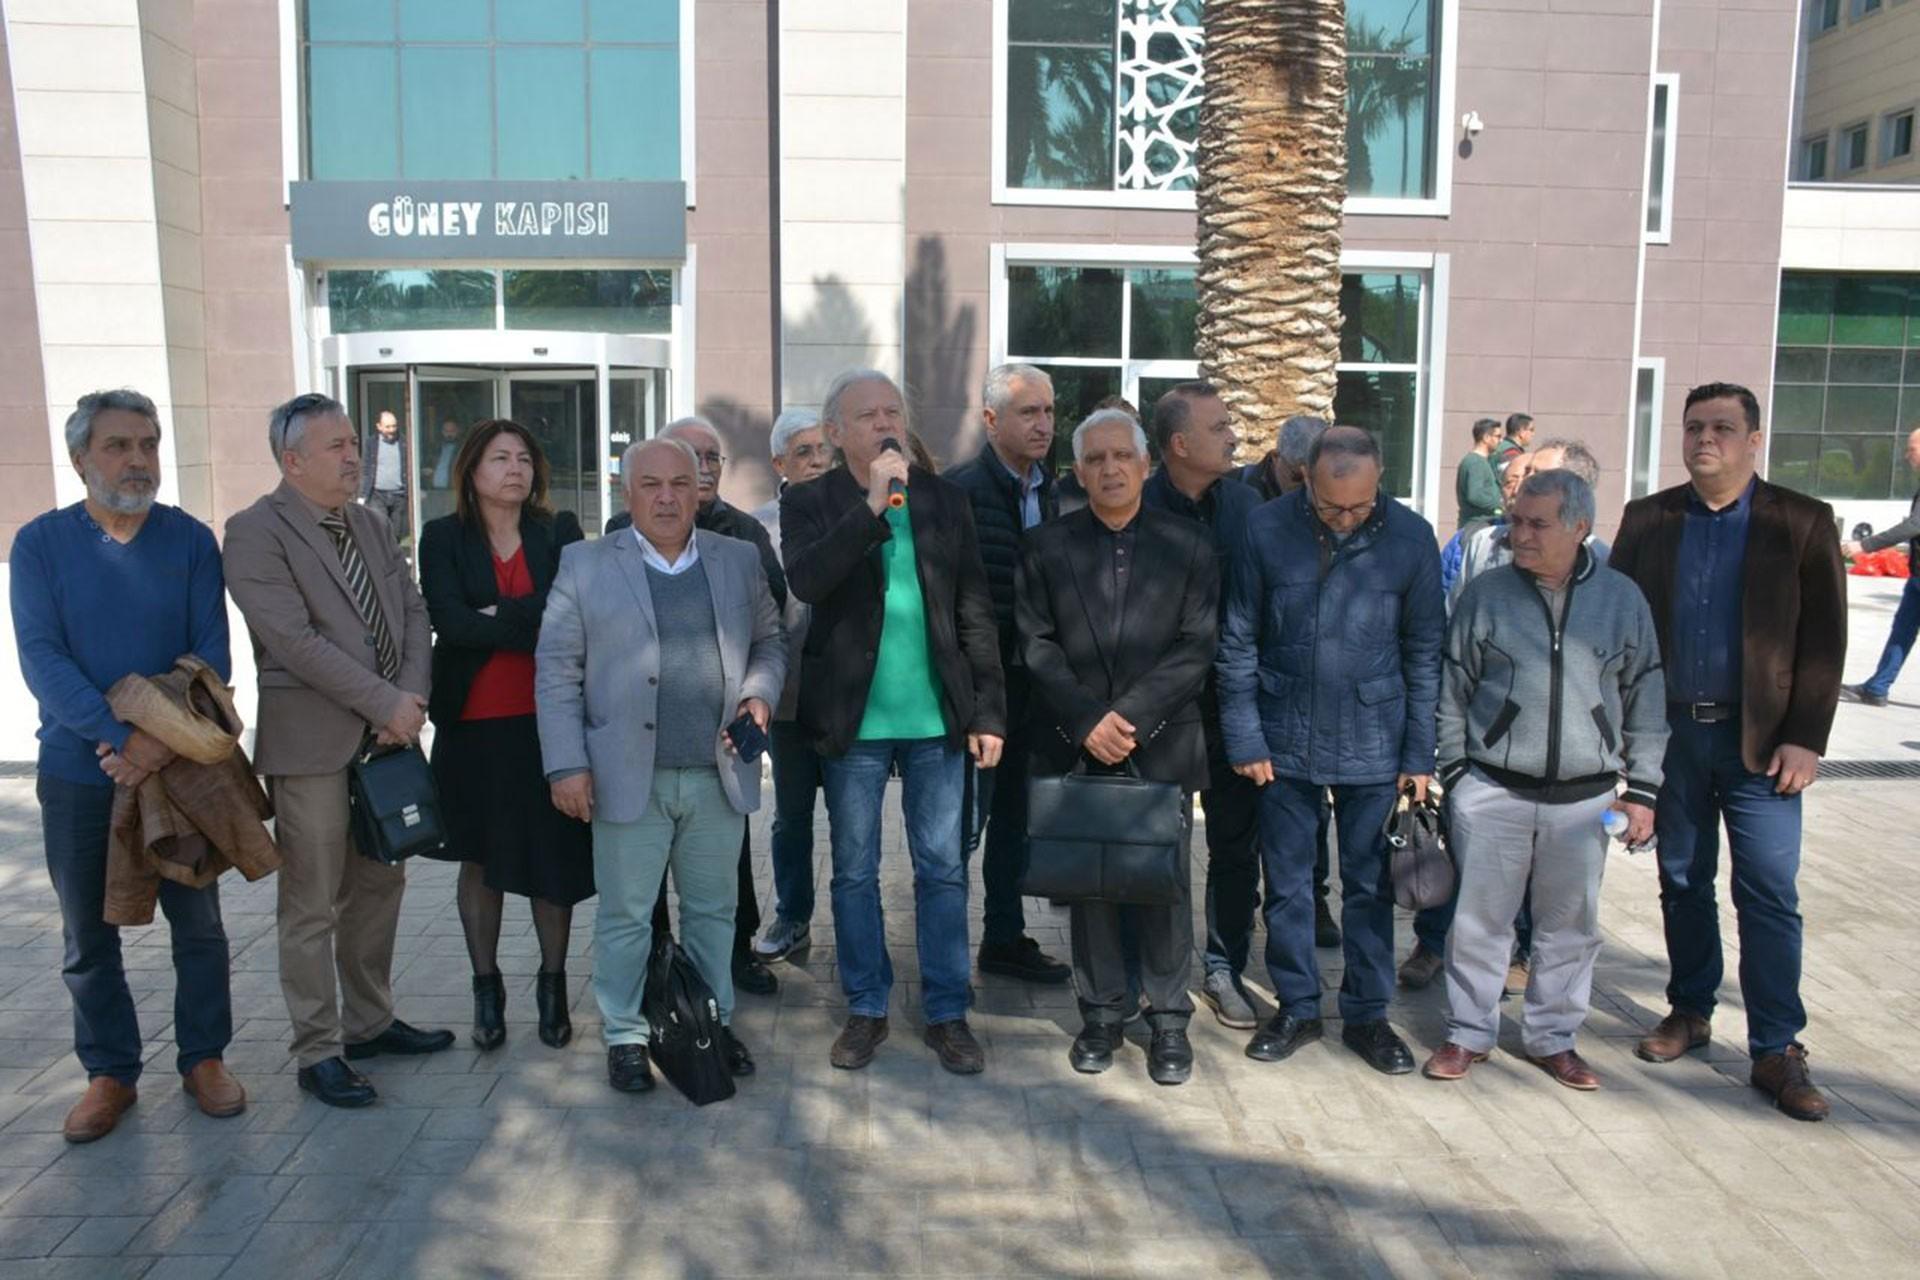 İzmir'de demokratik kitle örgütleri Çeşme ve Urla bölgesinde 12 hektarlık alanın ranta açılmasına karış dava açarak basın açıklaması yaptı